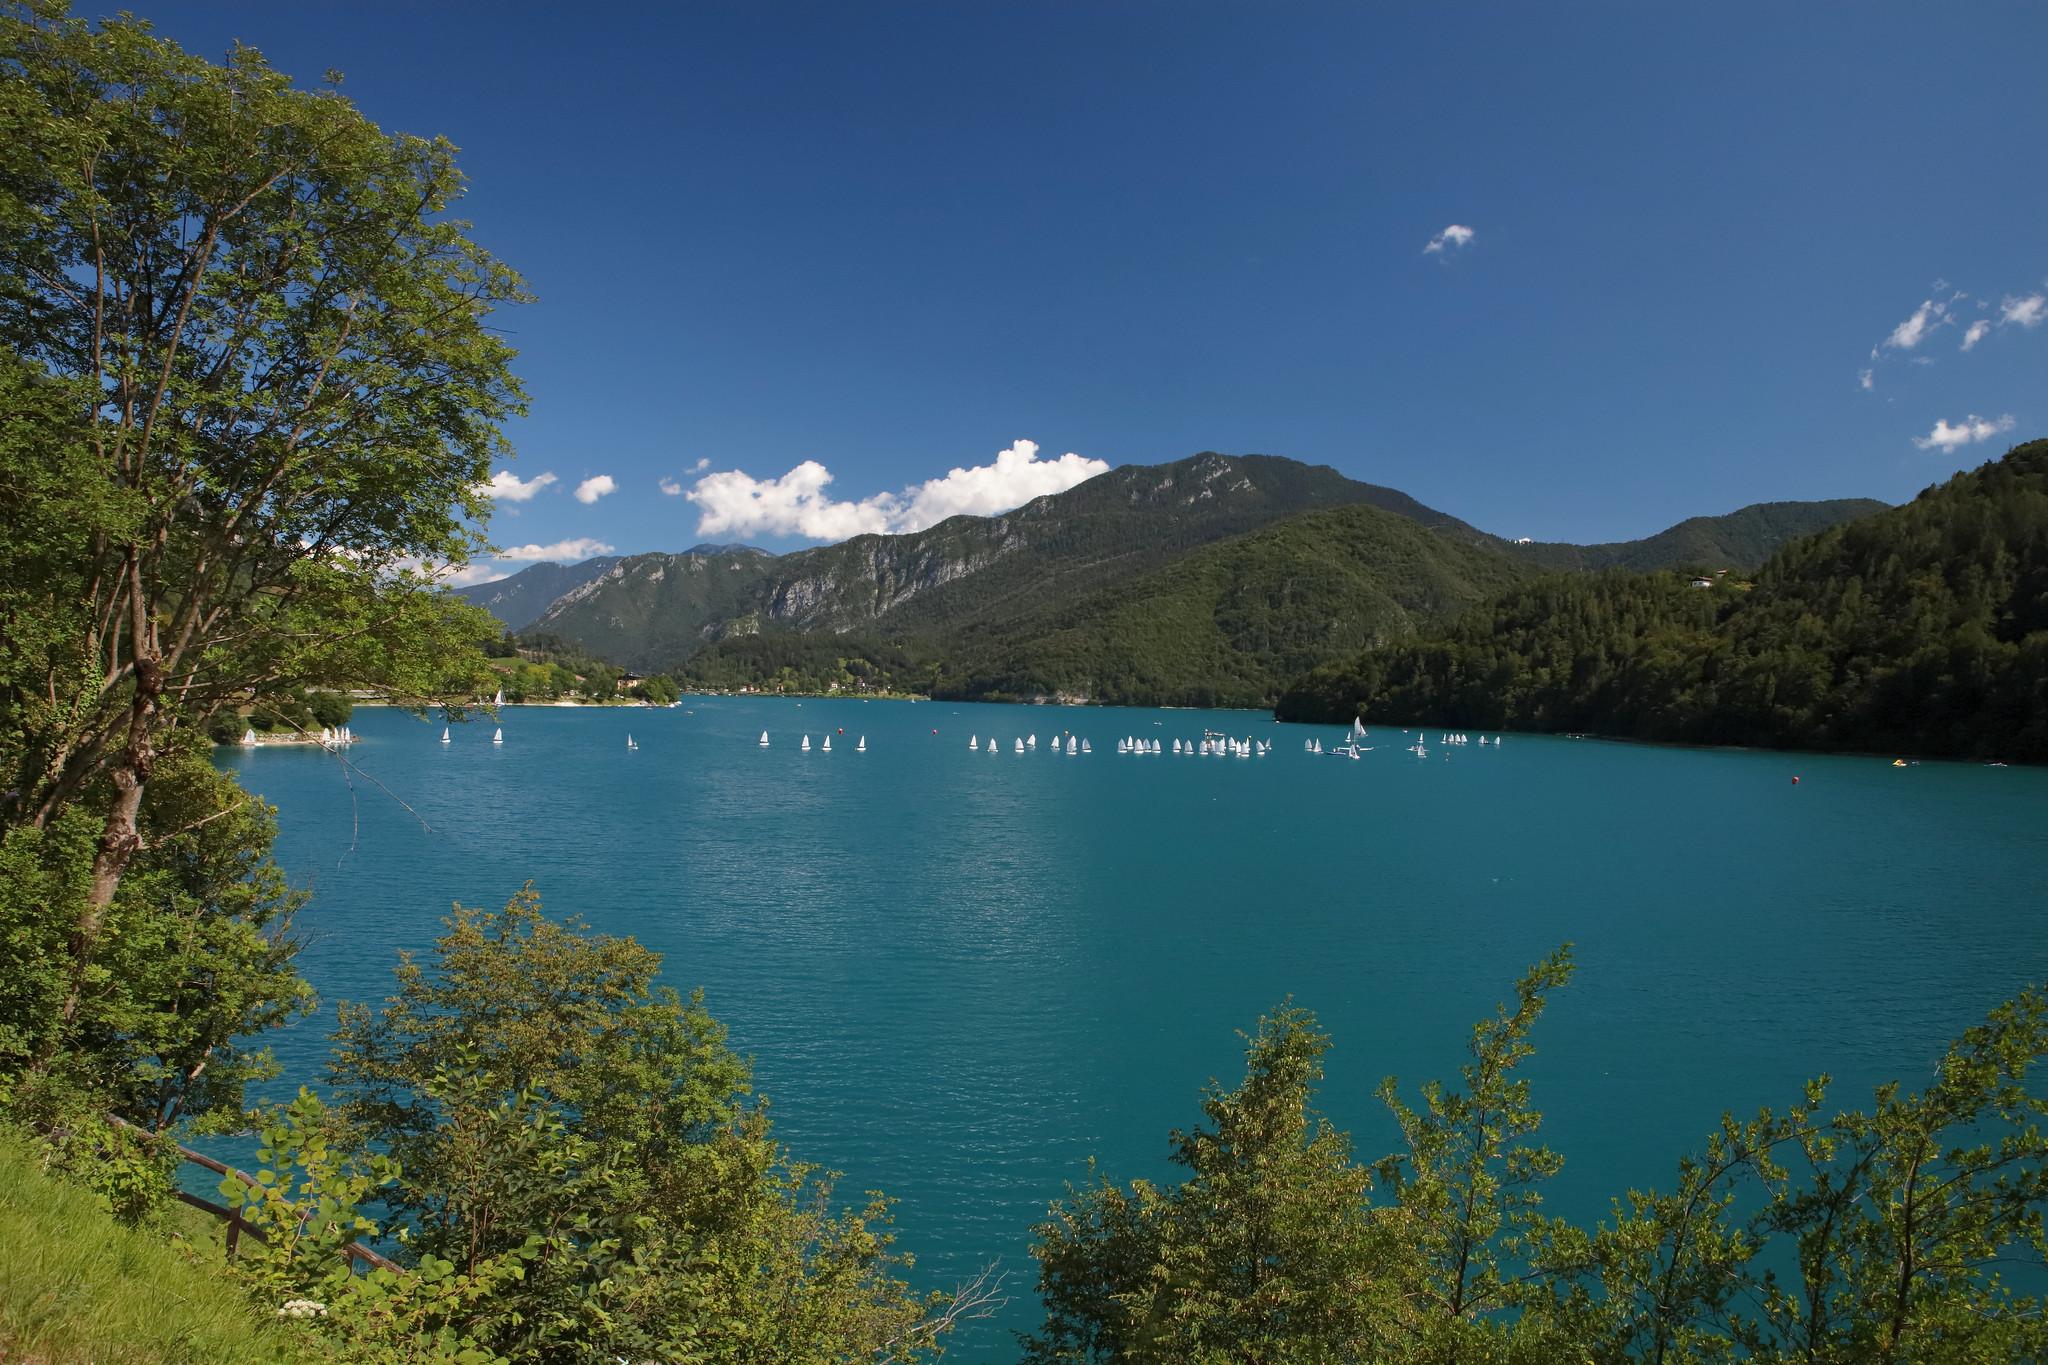 lago di ledro balneabile